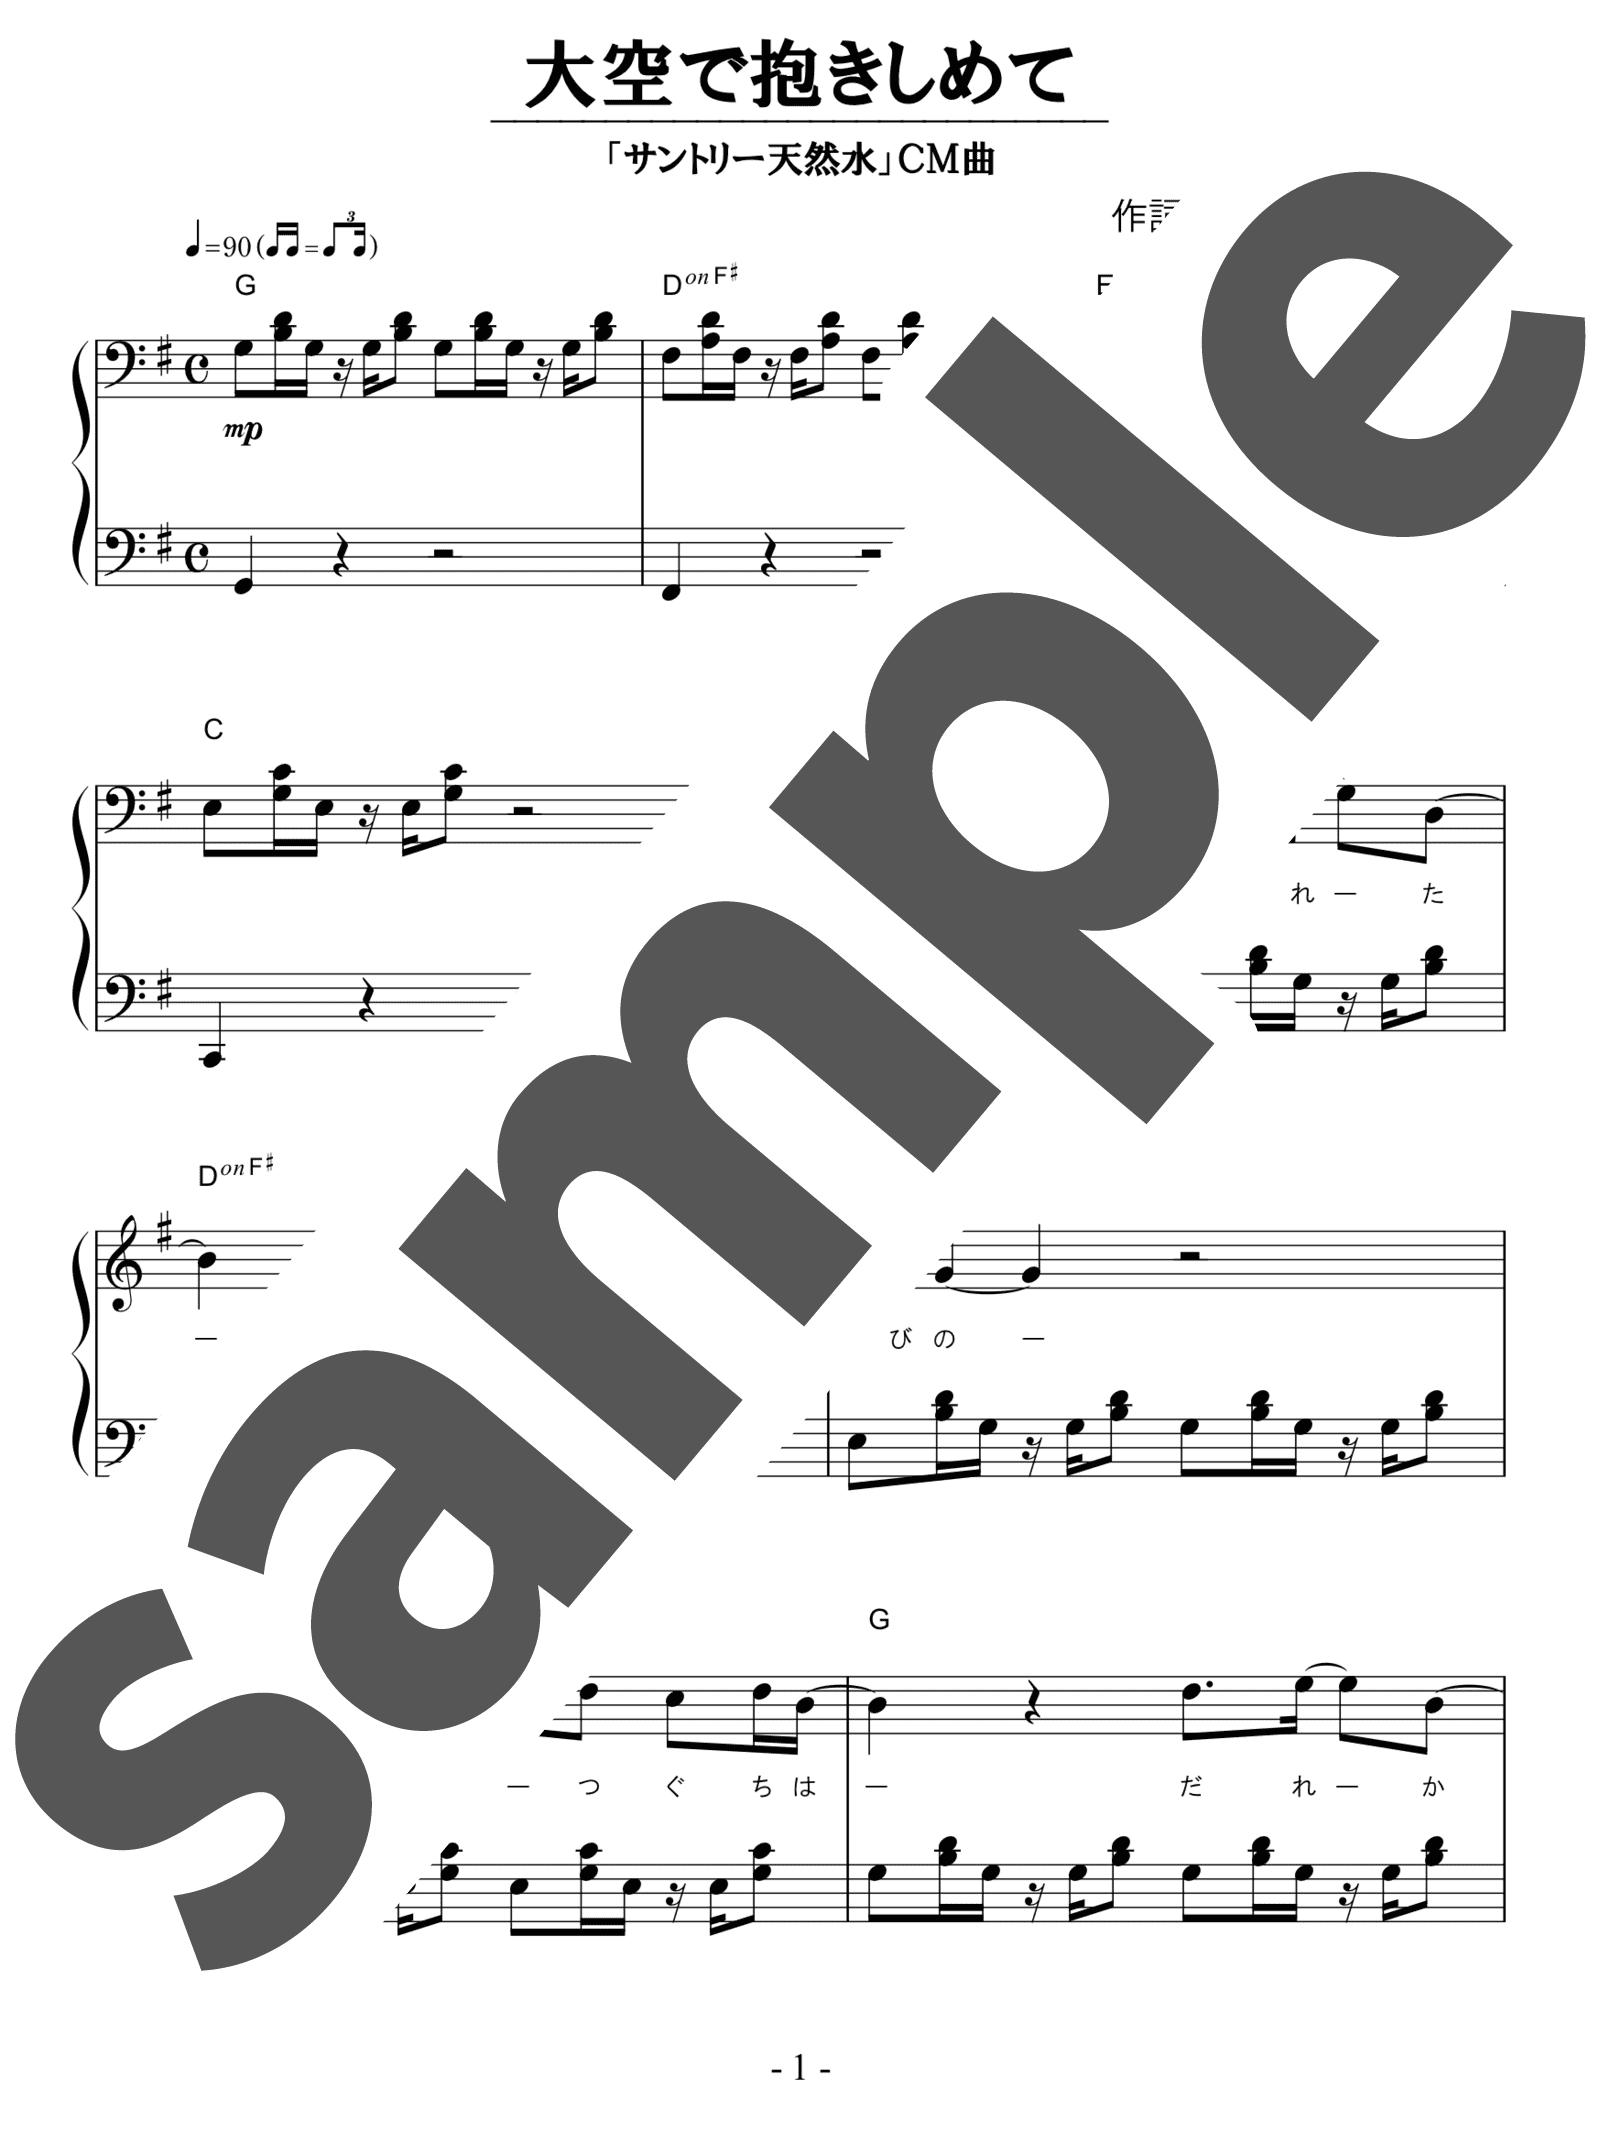 「大空で抱きしめて」のサンプル楽譜